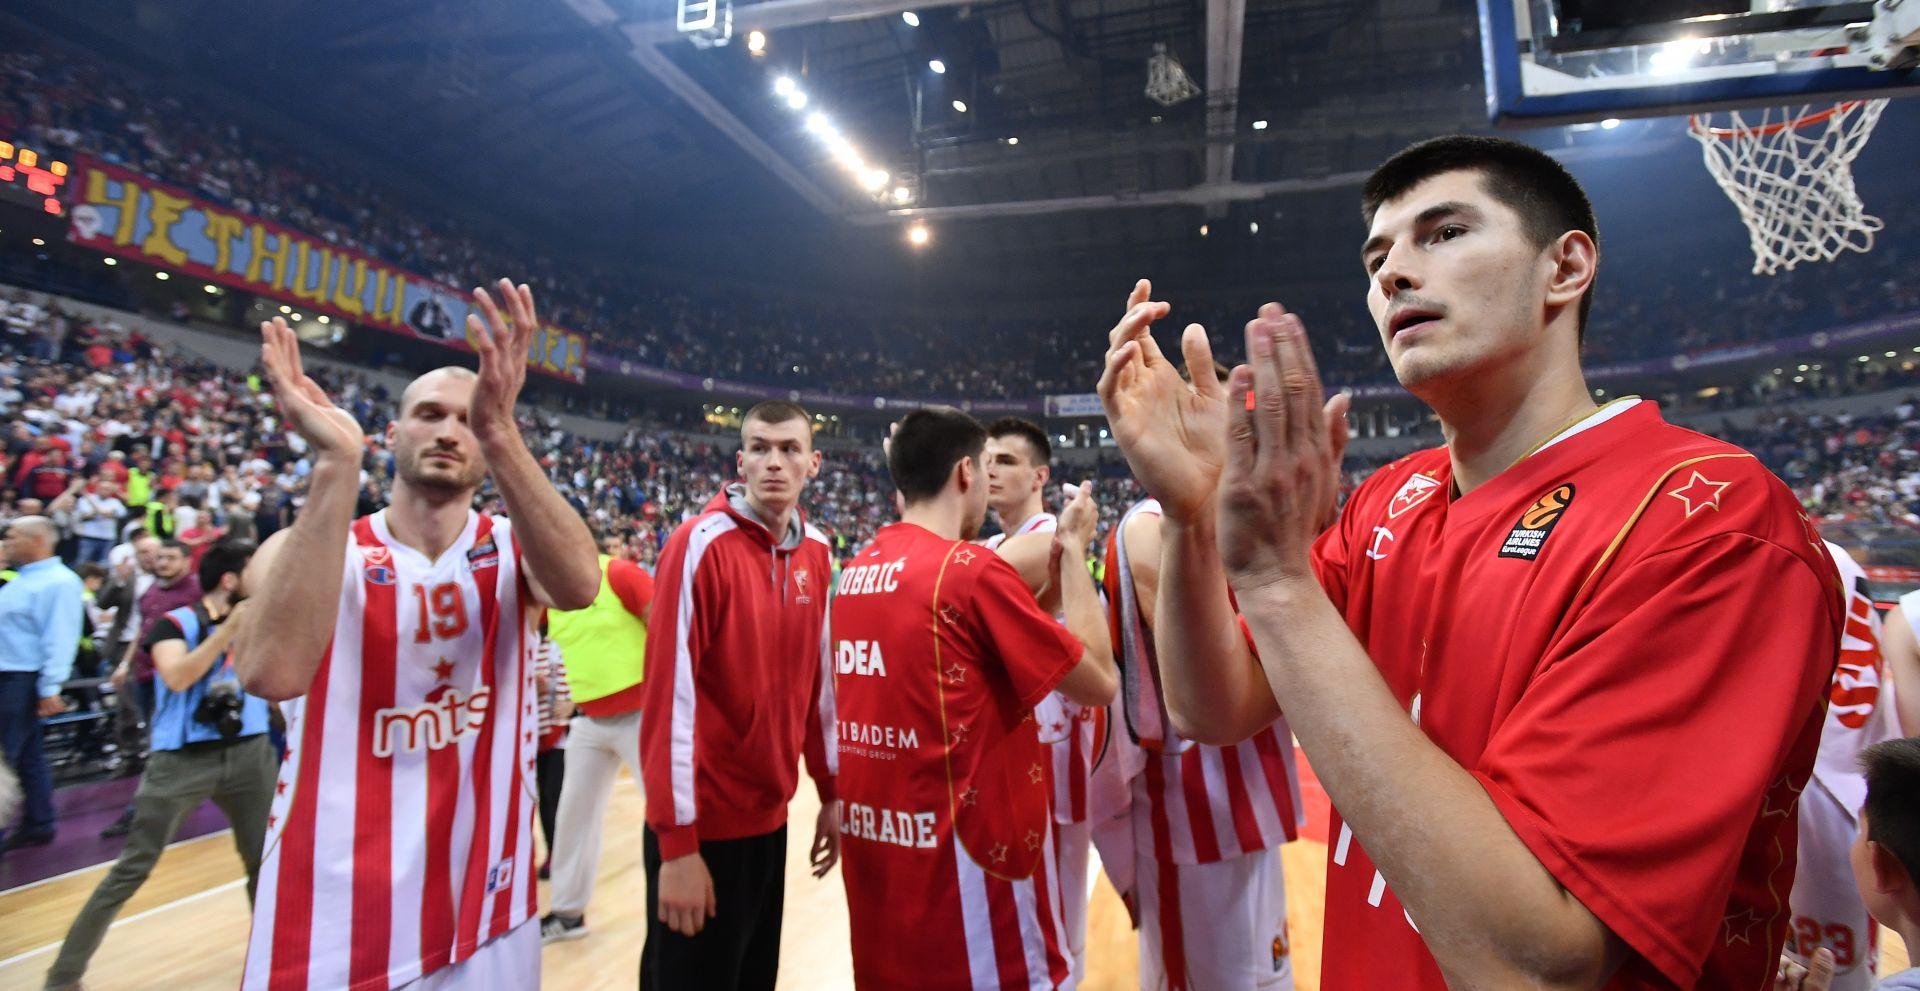 ABA LIGA Crvena zvezda izborila finale protiv Cedevite